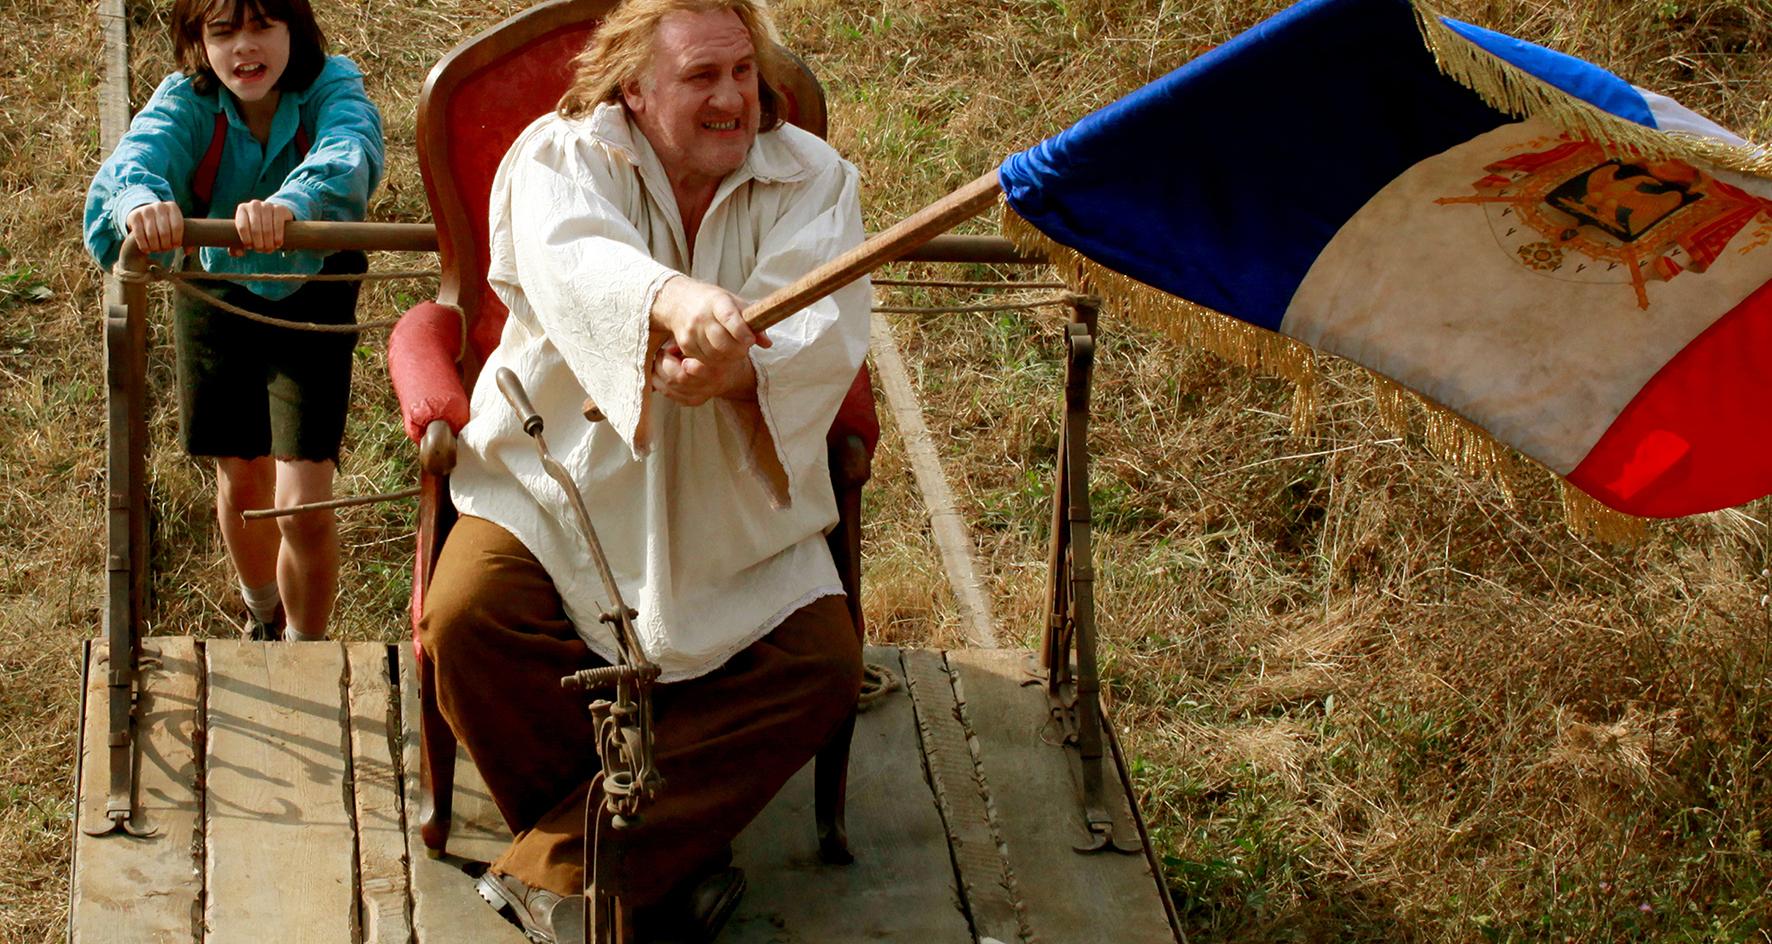 Bon Voyage, ihr Idioten!